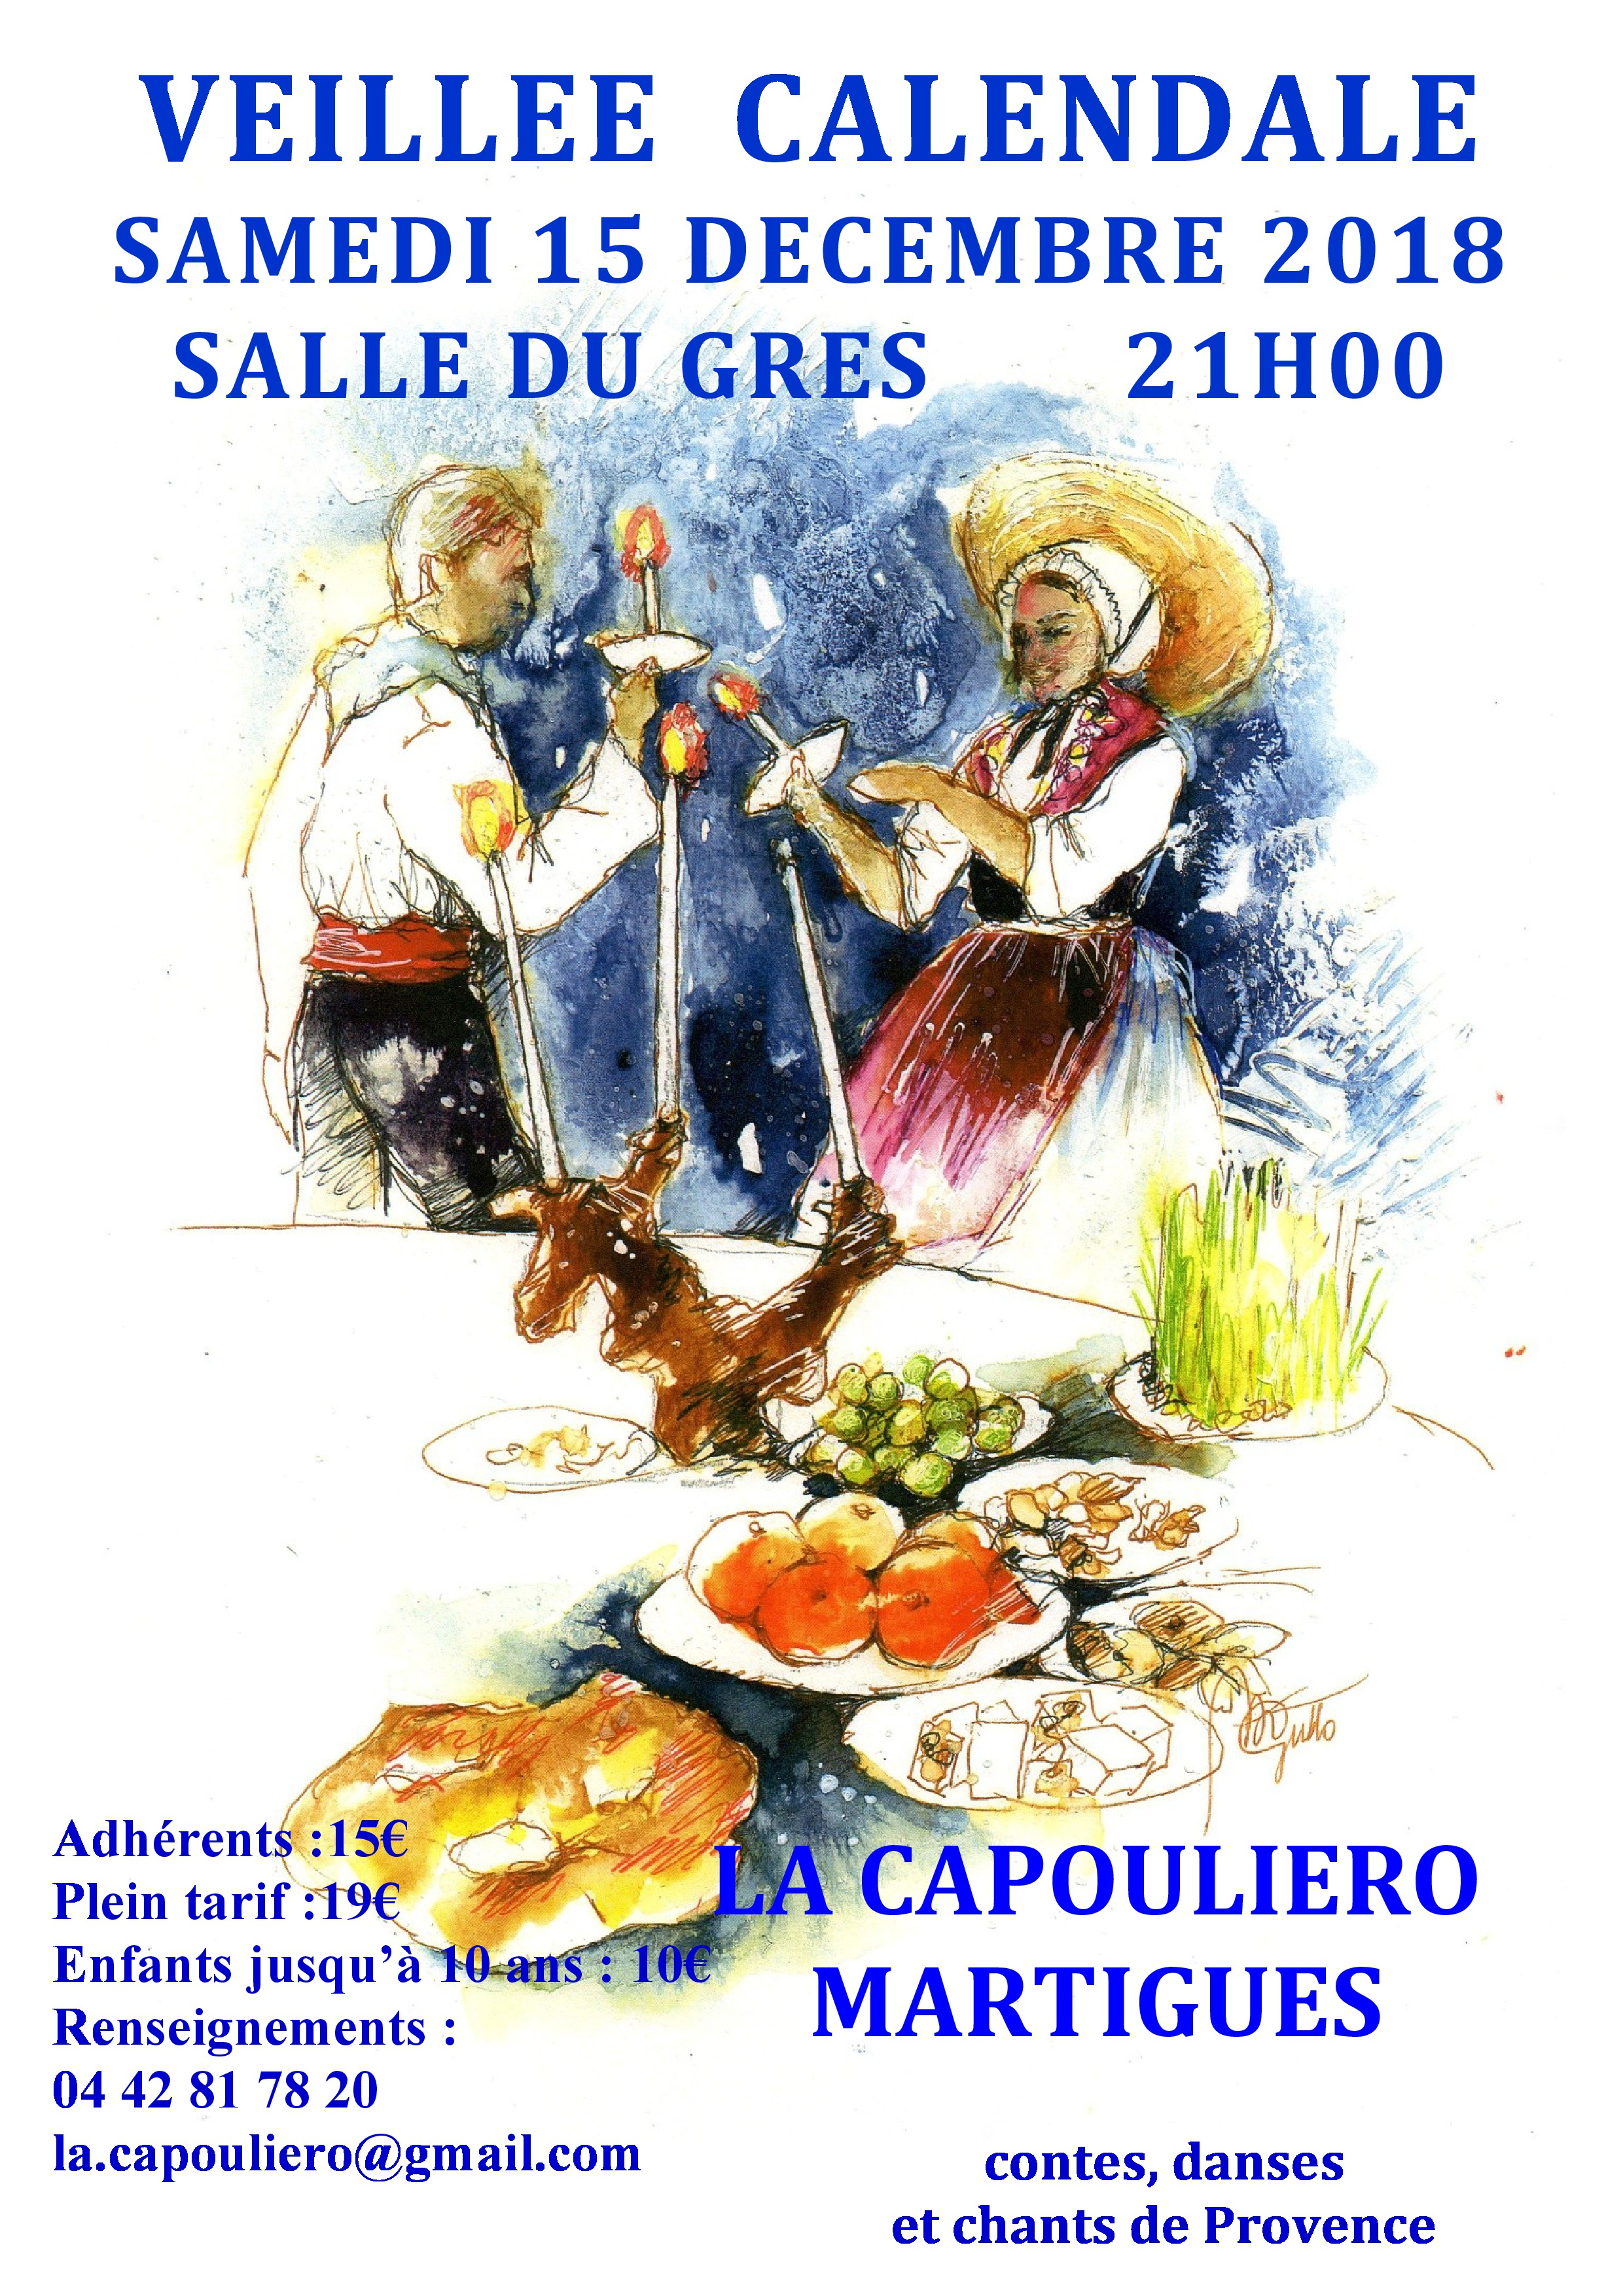 Veillée Calendale à Martigues